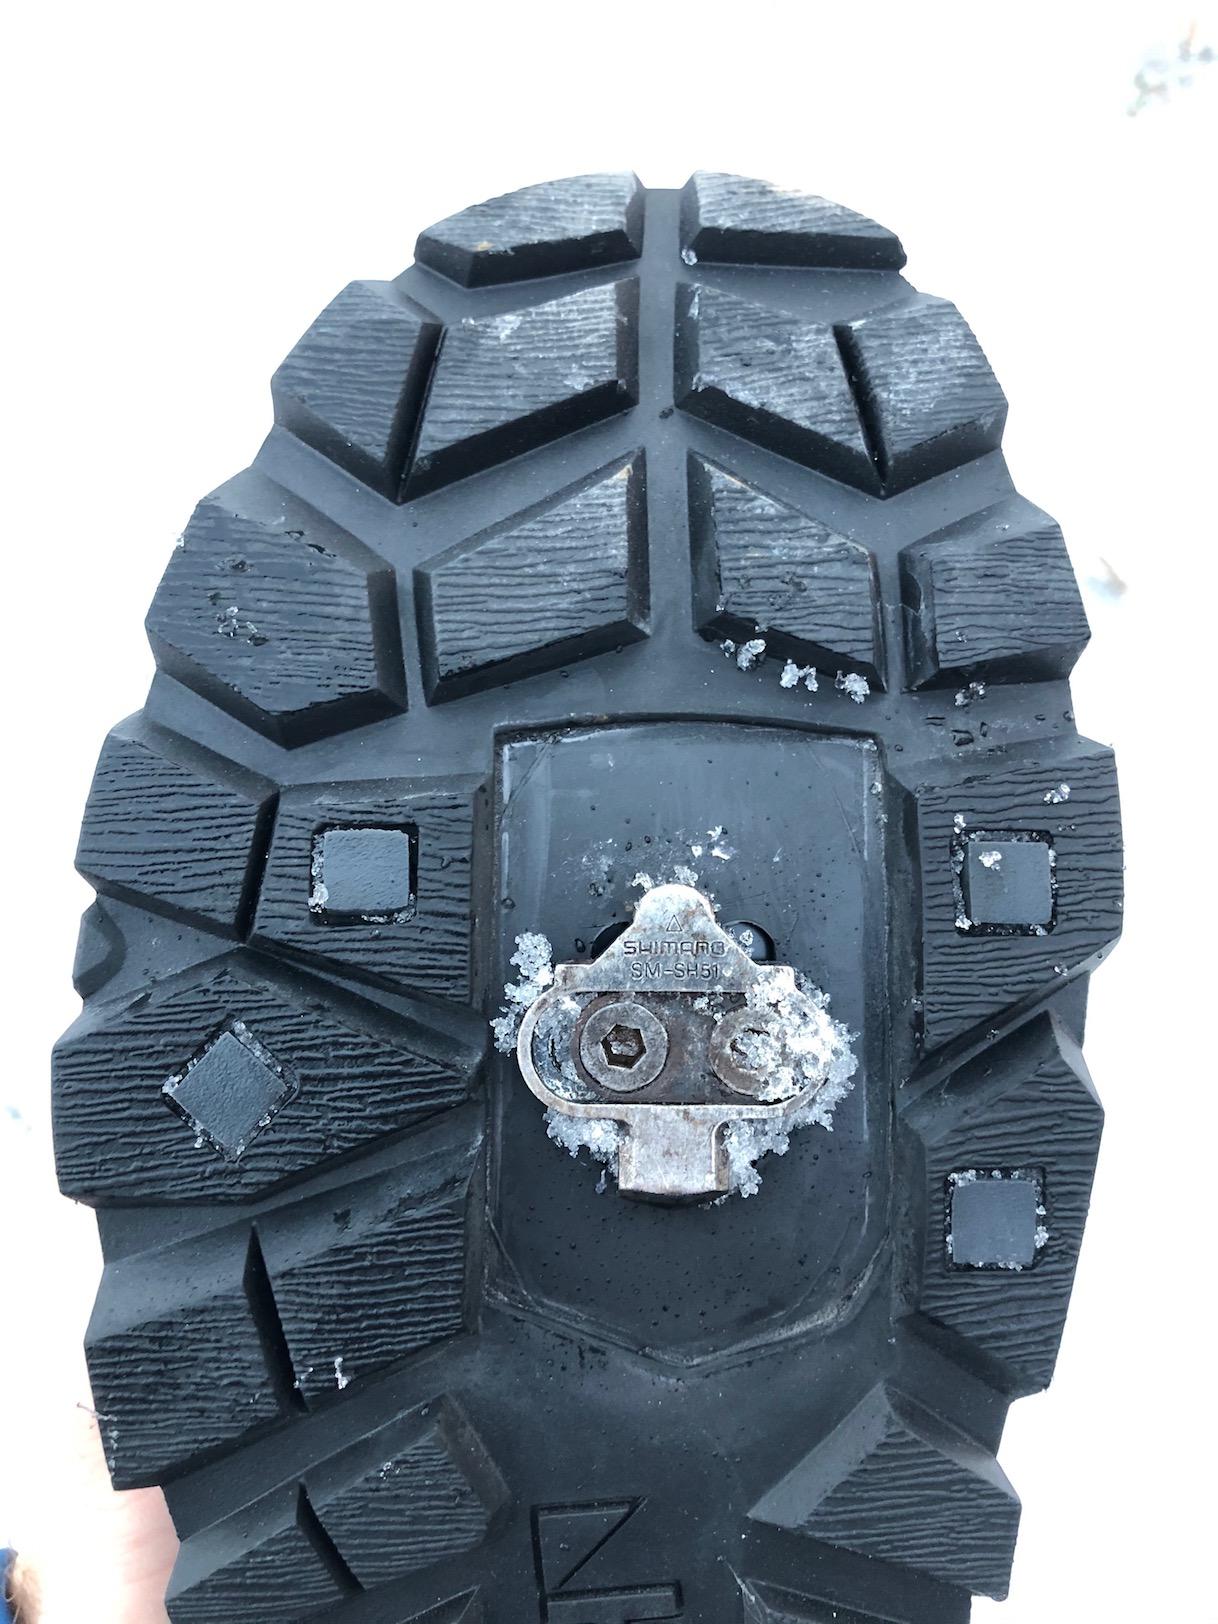 viel Platz zur richtigen Positionierung der Cleats an der Schuhsohle